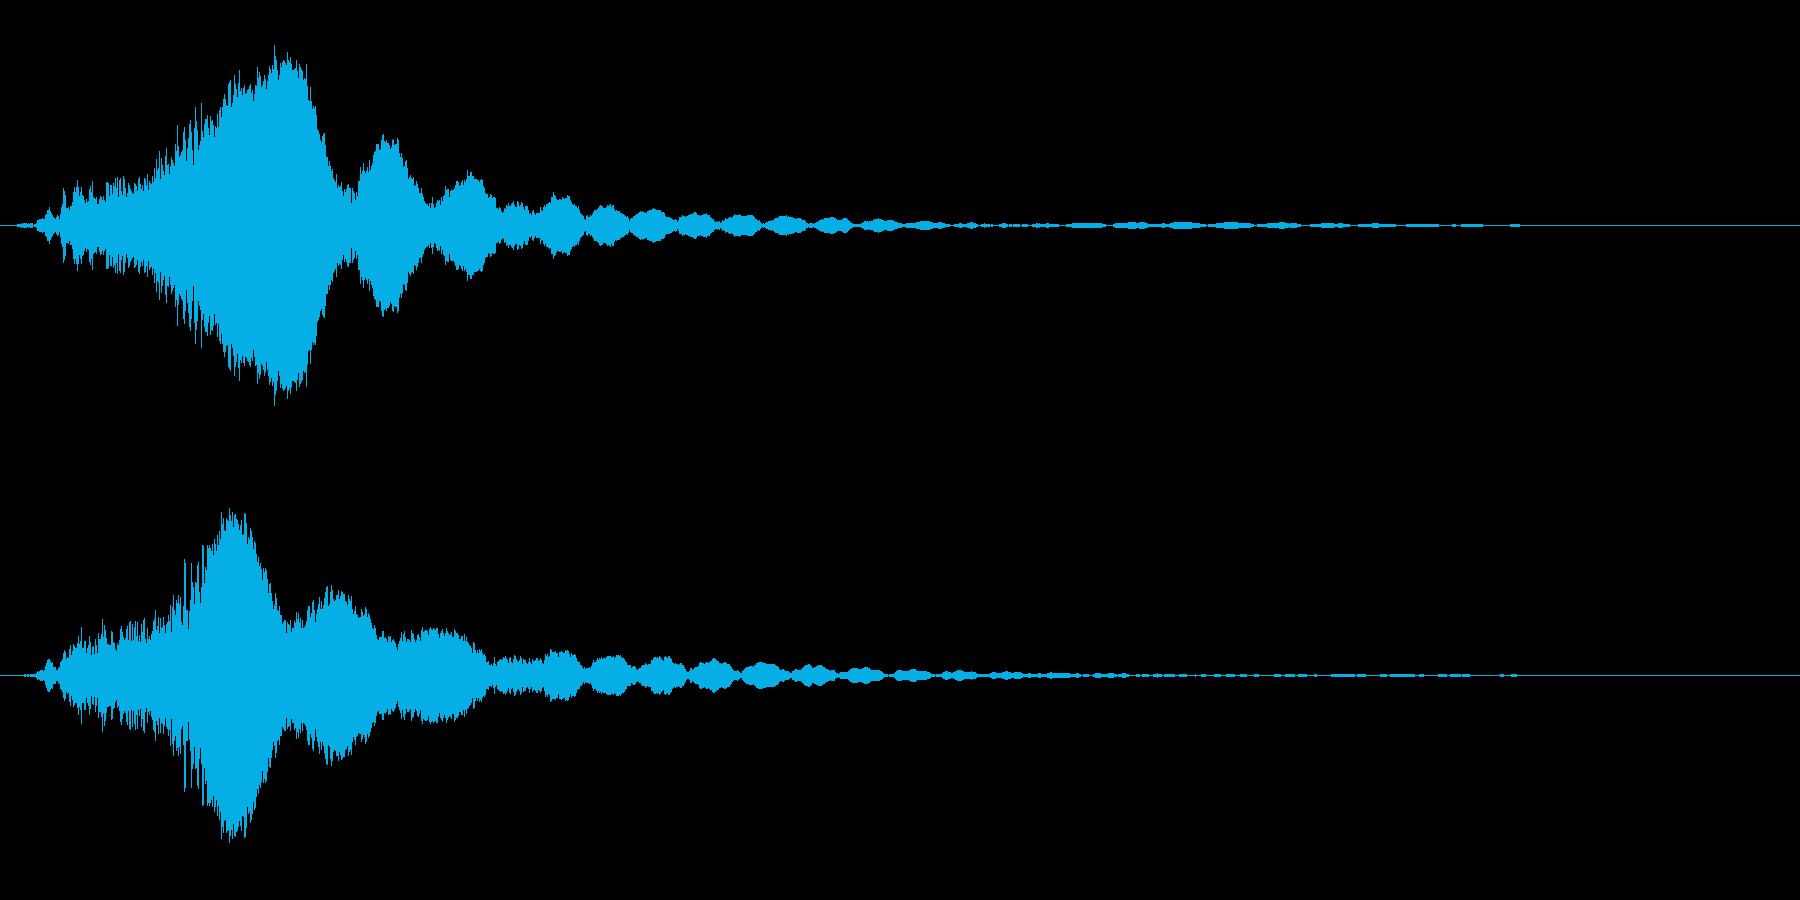 キラキラ☆ピキーン(星の輝き 魔法10Cの再生済みの波形